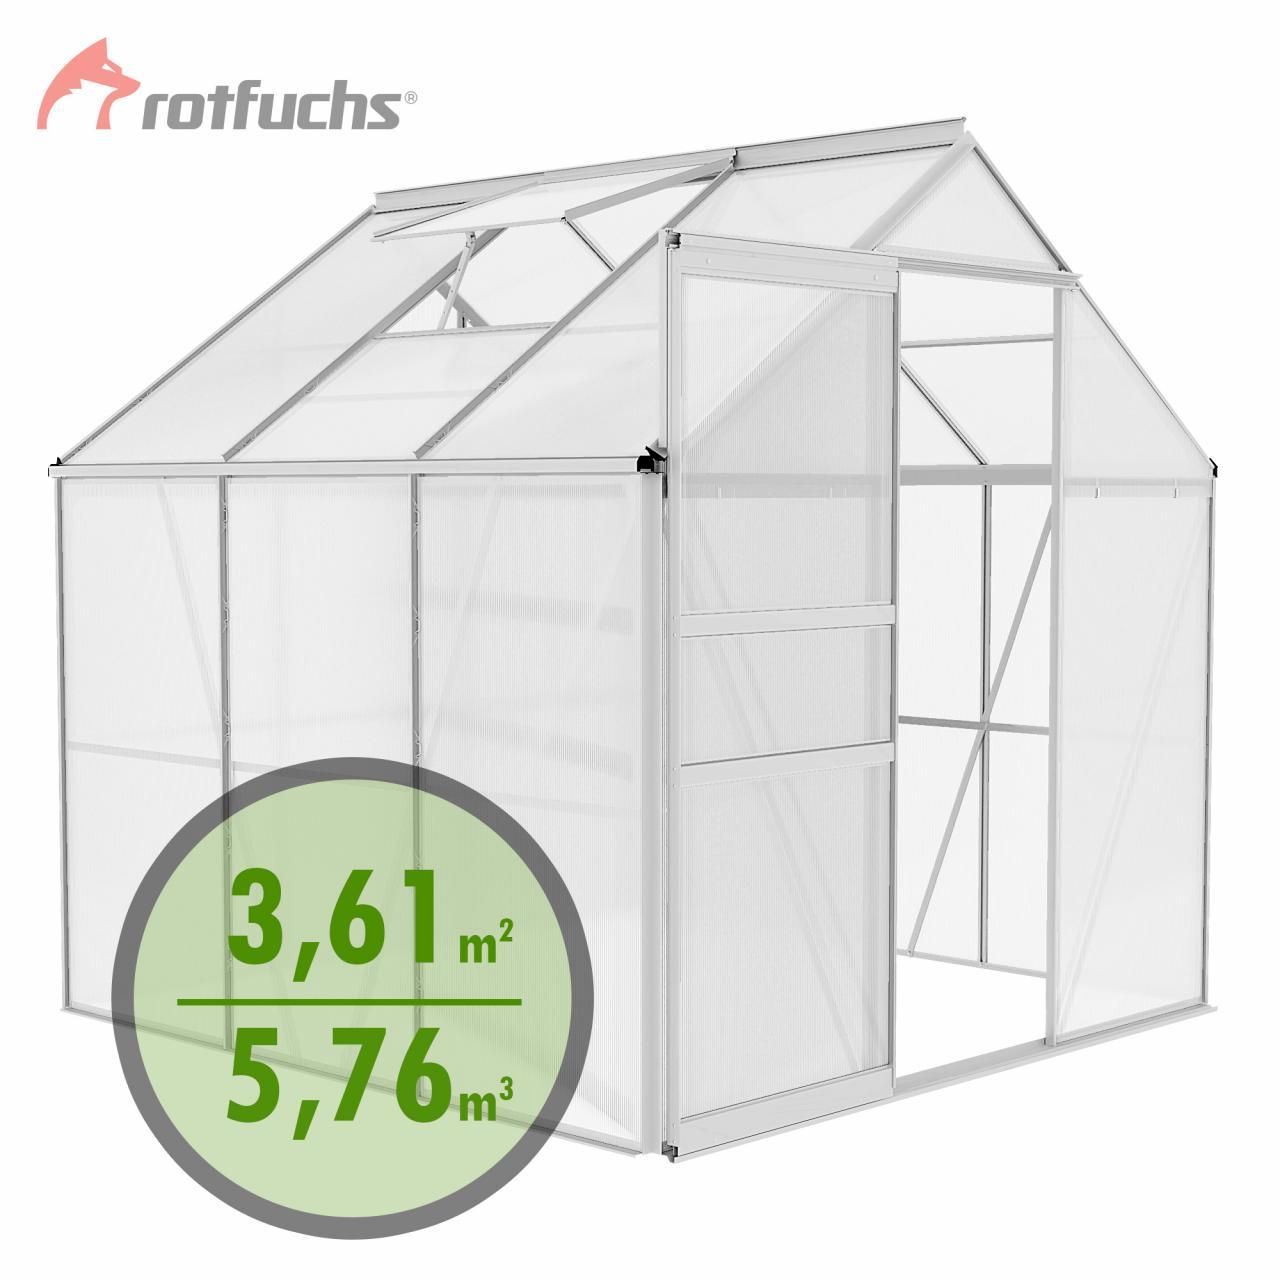 Rotfuchs-Gewaechshaus-Treibhaus-Fruehbeet-Alu-Gewaechshaus-Tomatenhaus-Pflanzenhaus